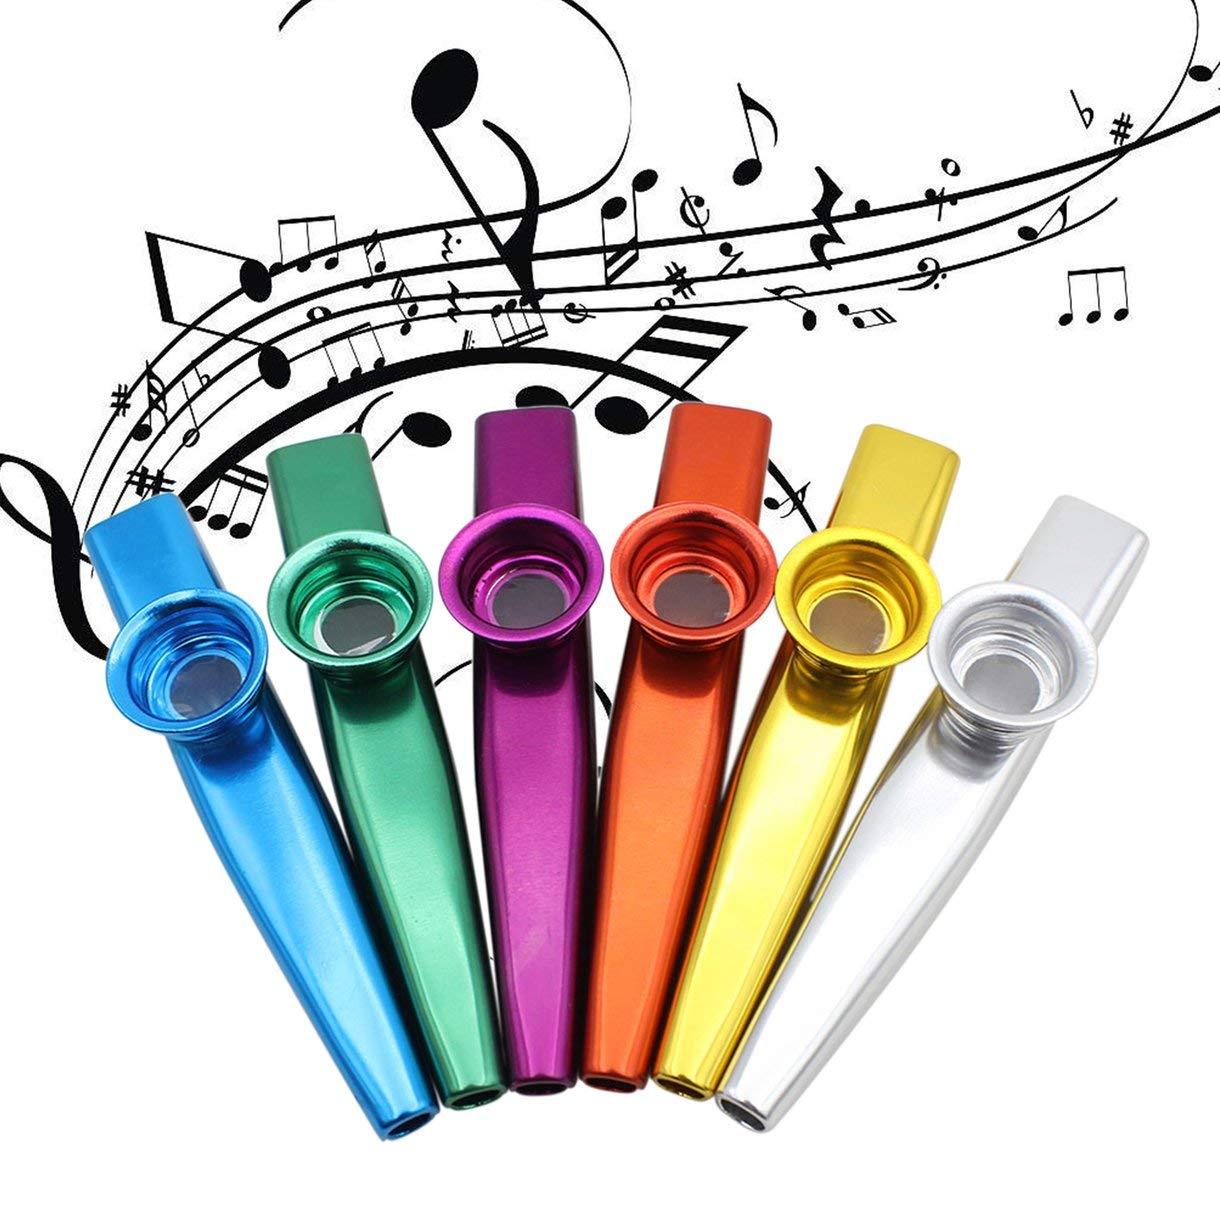 Oro Metallo Kazoos Strumenti musicali Flauti Diaframma Bocca Kazoos Strumenti musicali Buon compagno per chitarra